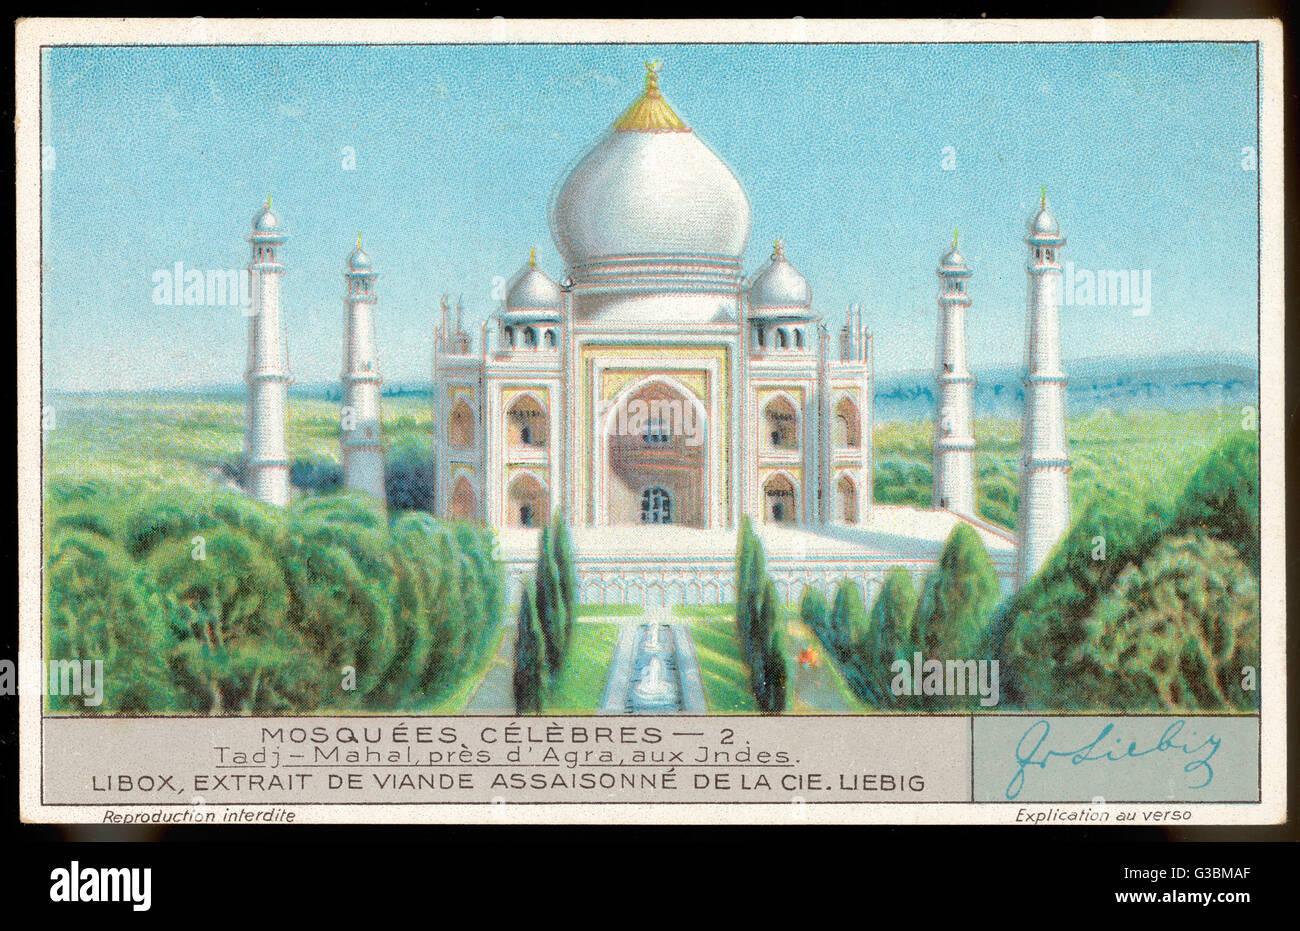 Sans doute le plus beau jamais construit, le Taj est construit par Shah Jehan à la mémoire de sa femme. Il est à 78 mètres de hauteur, et est entouré de beaux jardins. Date: 1631 - 1645 construit Banque D'Images